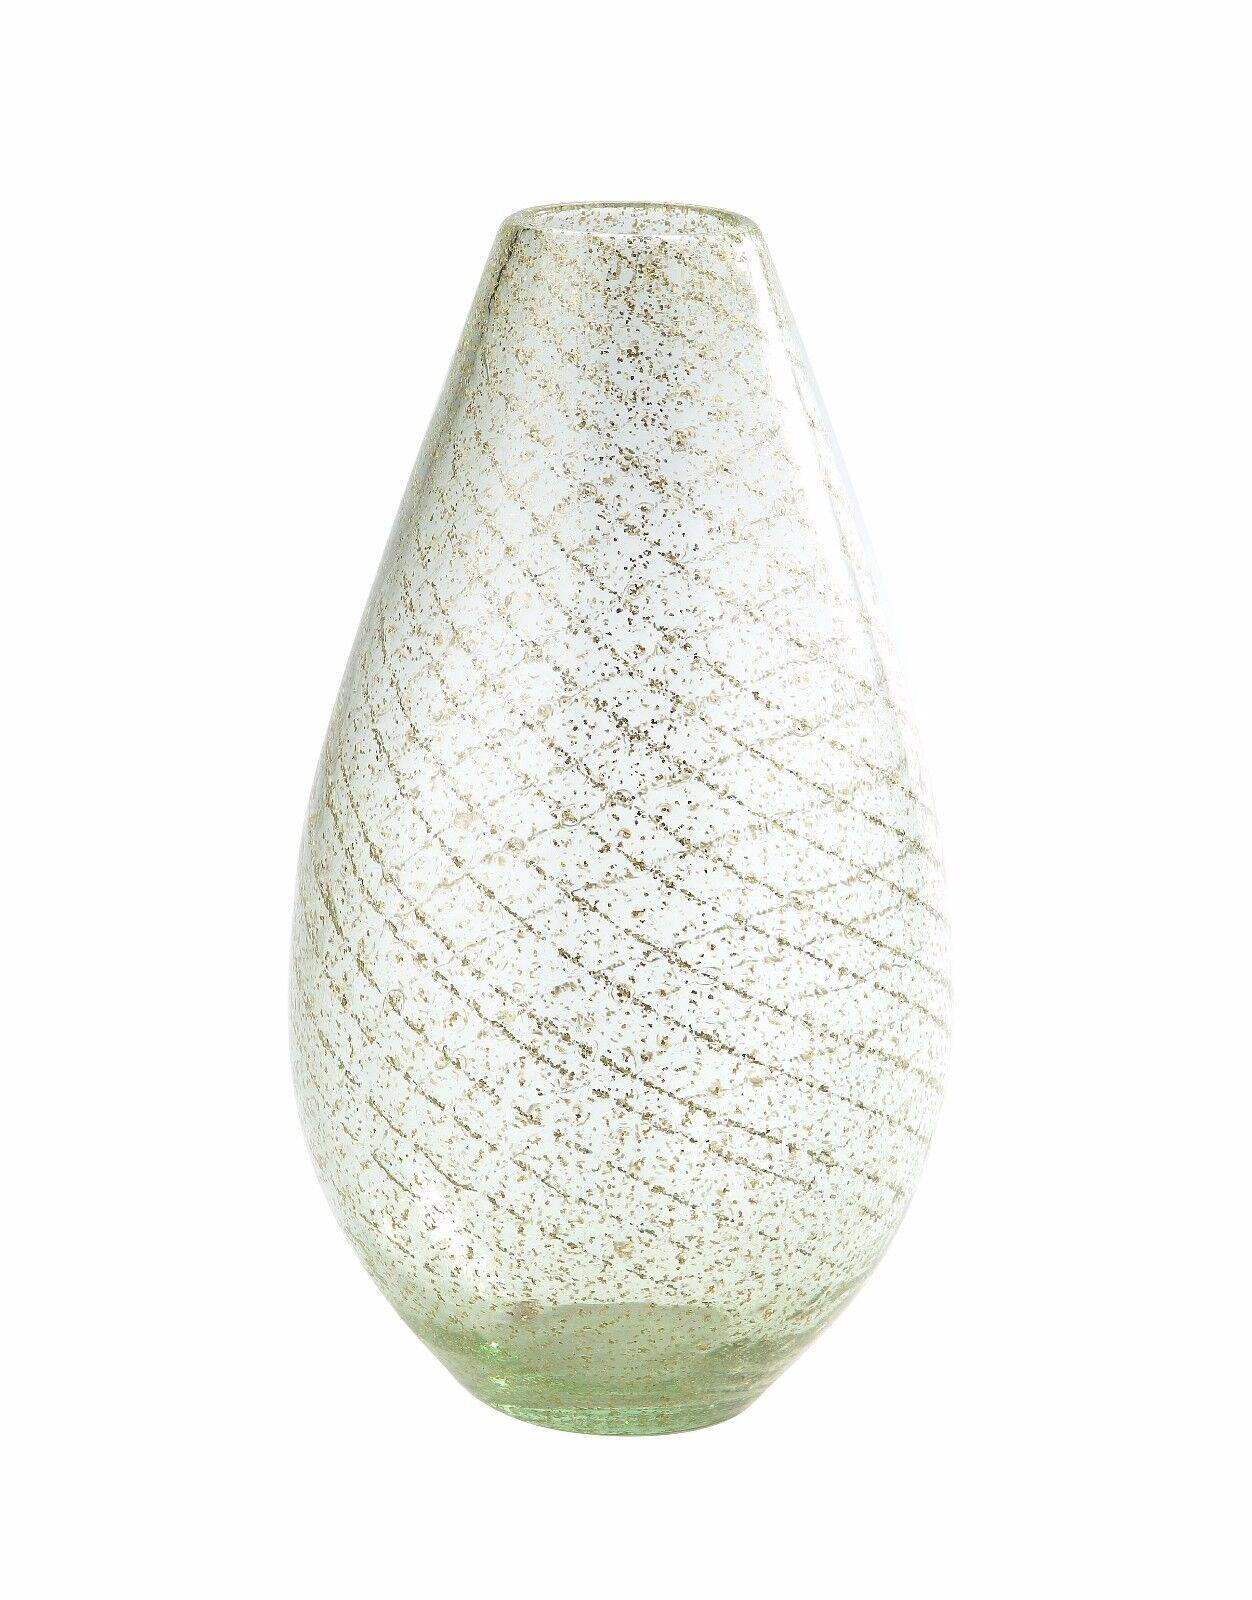 Nuevo 13  mano florero de vidrio soplado arte en forma de lágrima verde claro decorativo